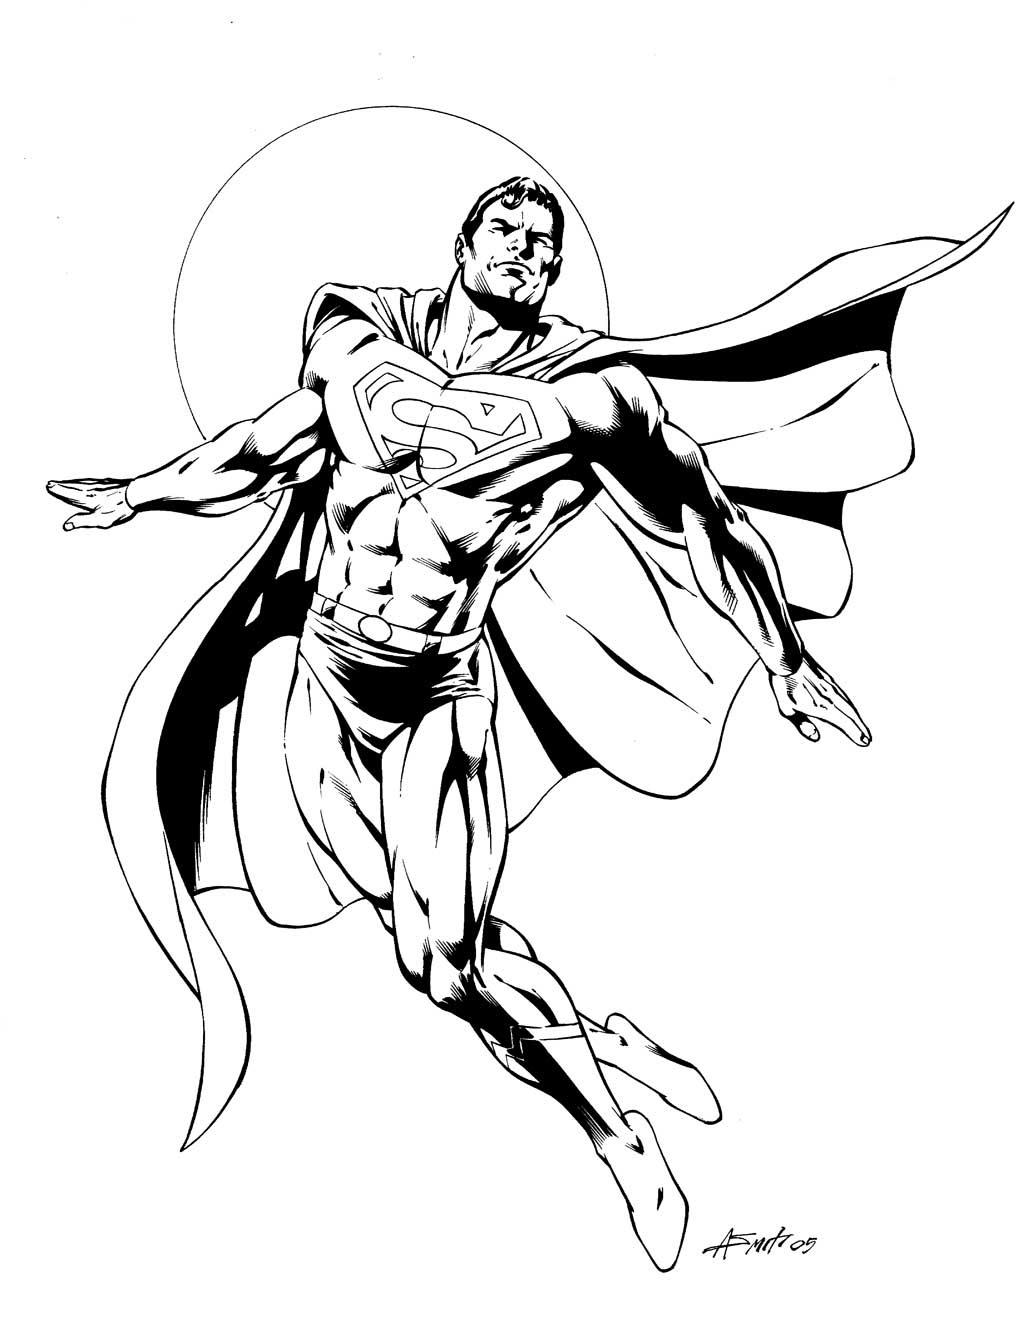 71 Dessins De Coloriage Superman à Imprimer Sur Laguerchecom Page 7